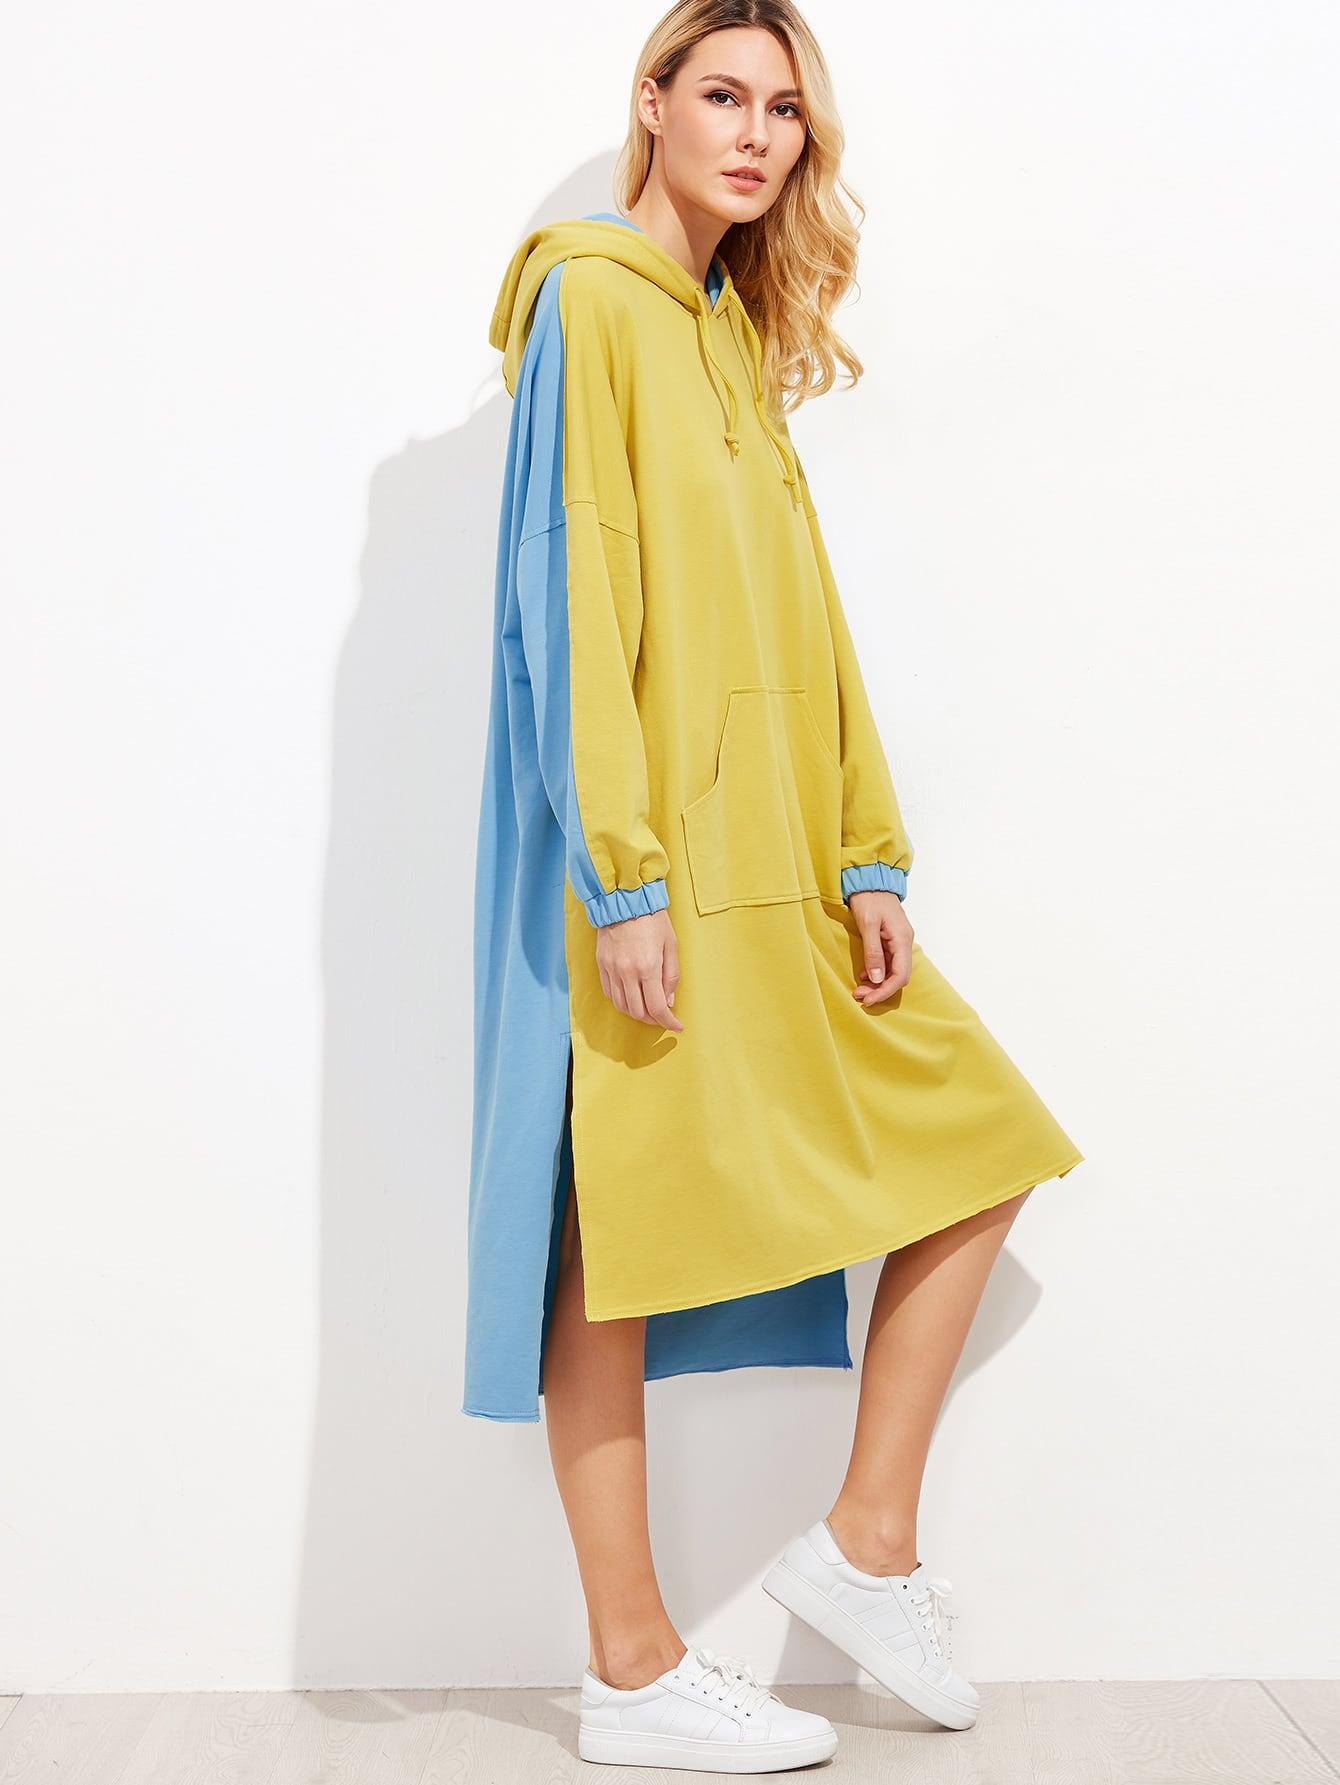 Contrast Drop Shoulder Side Slit High Low Hoodie Dress dress160926703